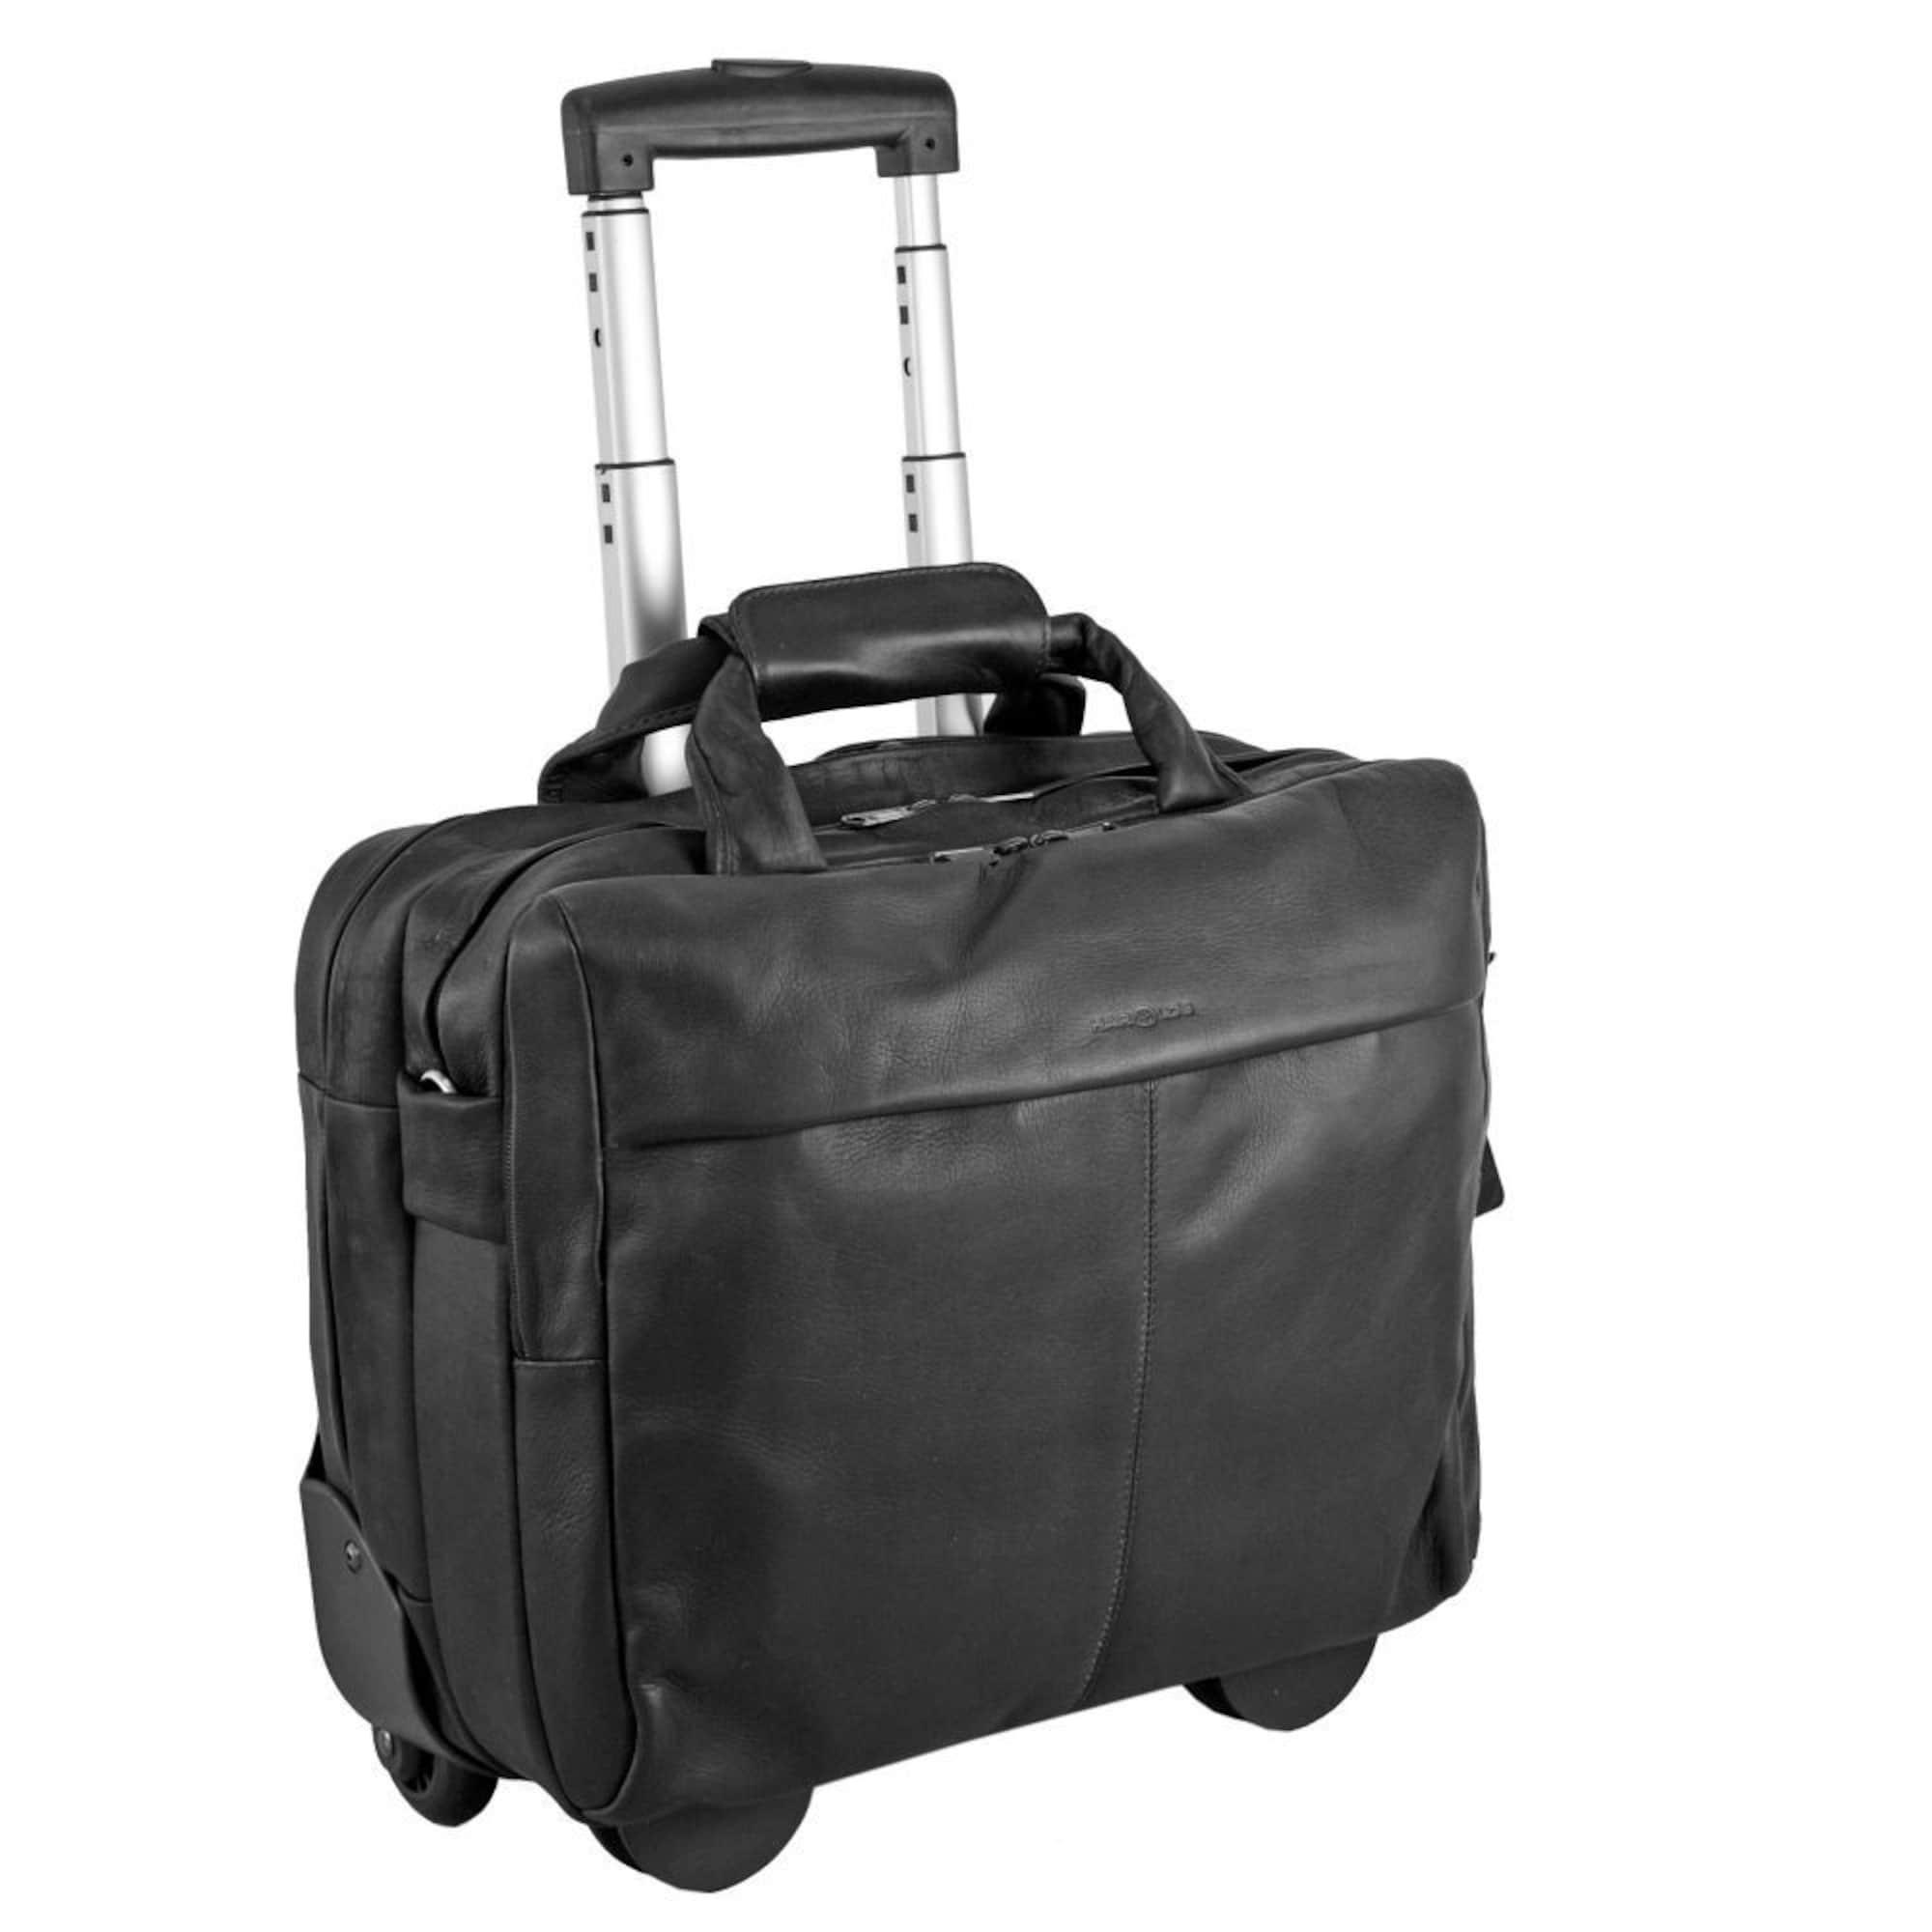 Trolley 'Country' | Taschen > Koffer & Trolleys > Trolleys | Schwarz | Harolds